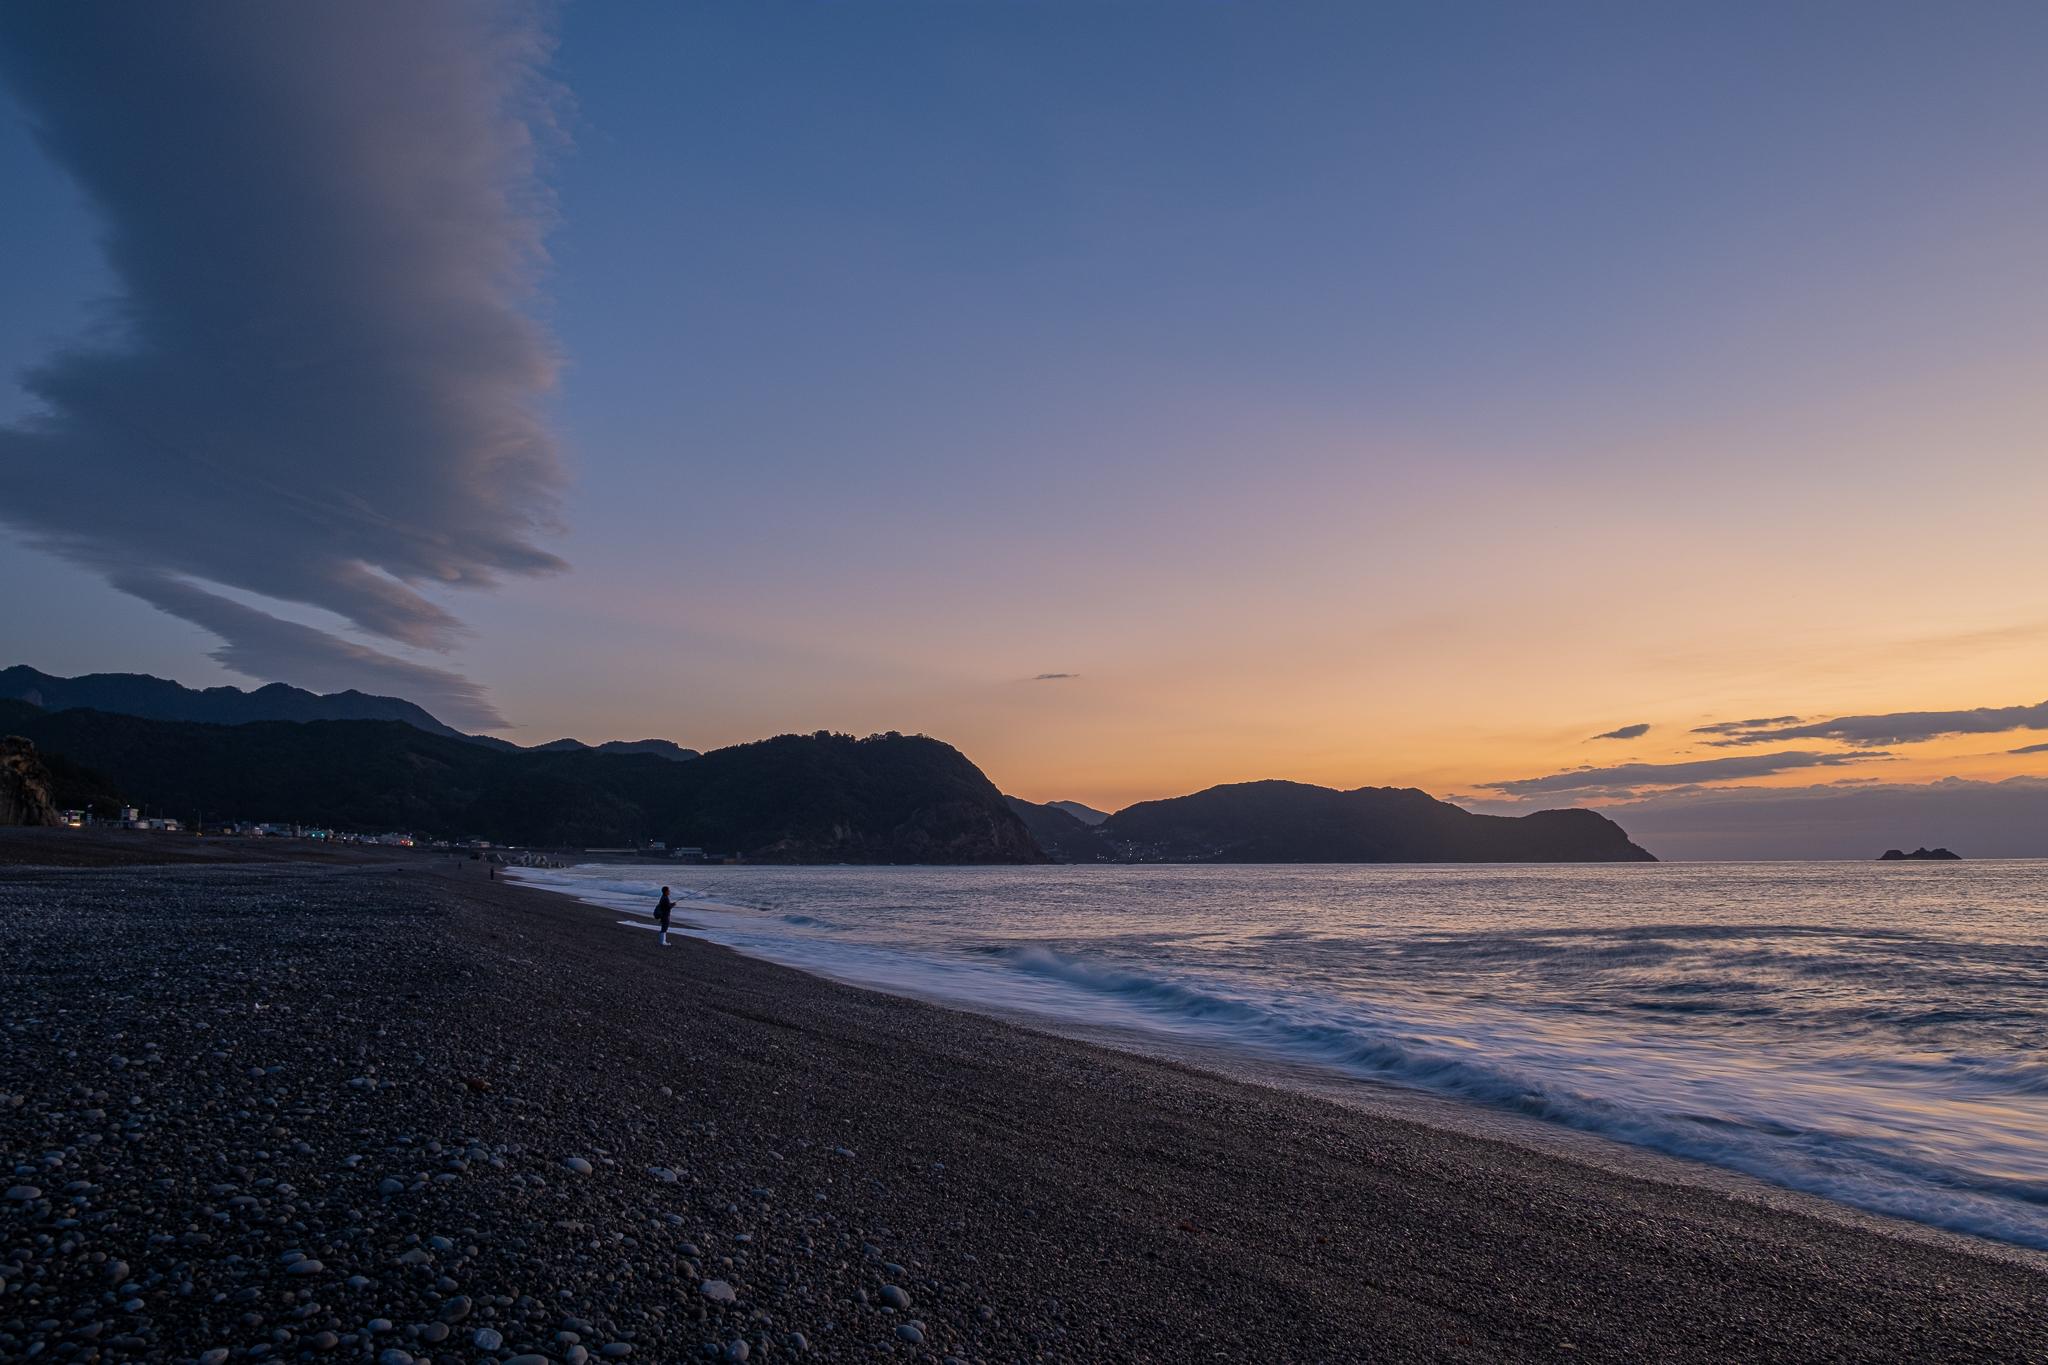 七里御浜の朝焼け。海も空も広い沿岸部。朝昼晩、いつ来ても癒される風景でした。